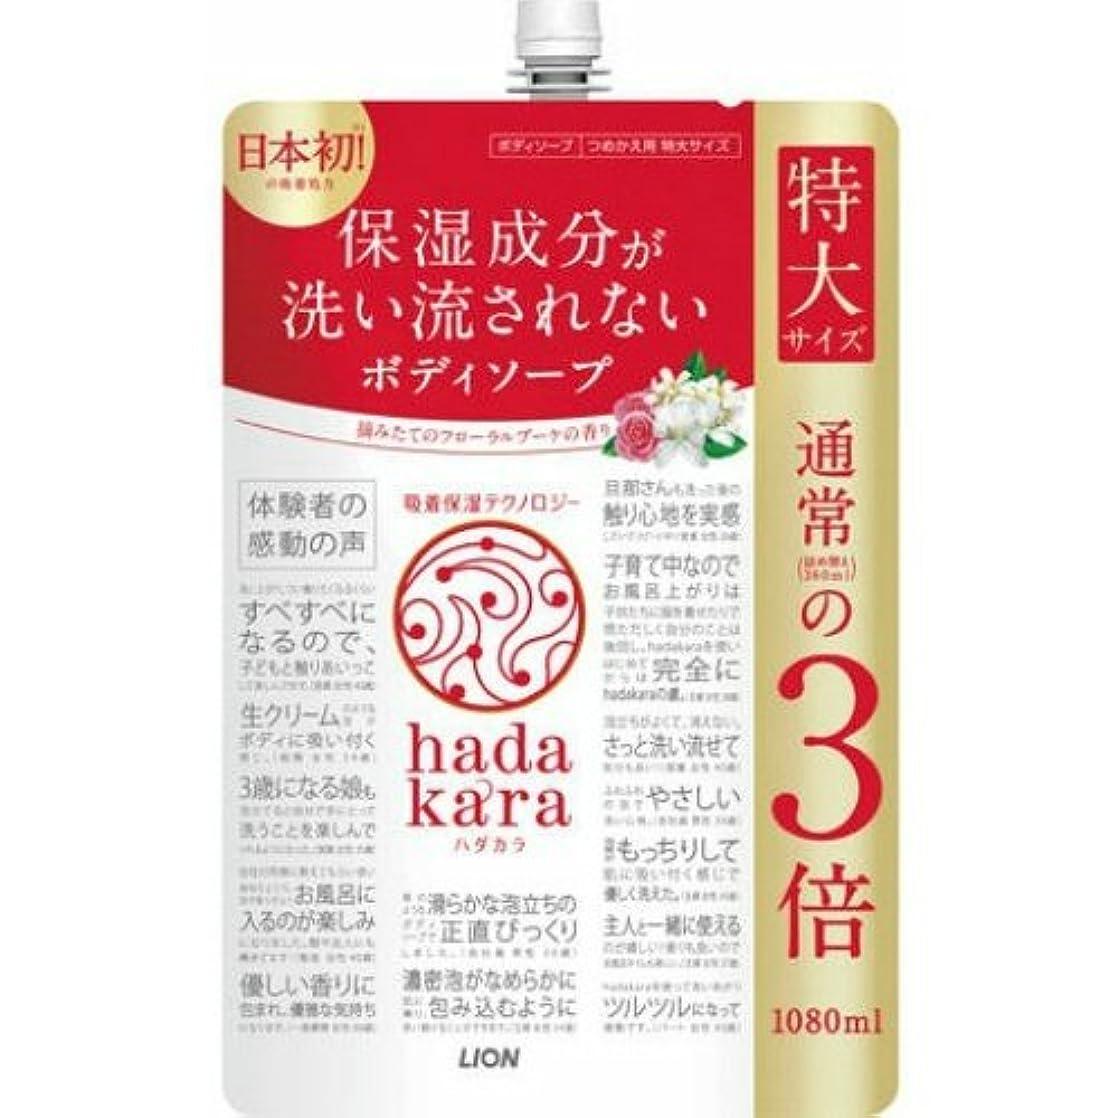 下向き後継キリマンジャロLION ライオン hadakara ハダカラ ボディソープ フローラルブーケの香り つめかえ用 特大サイズ 1080ml ×3点セット(4903301260875)